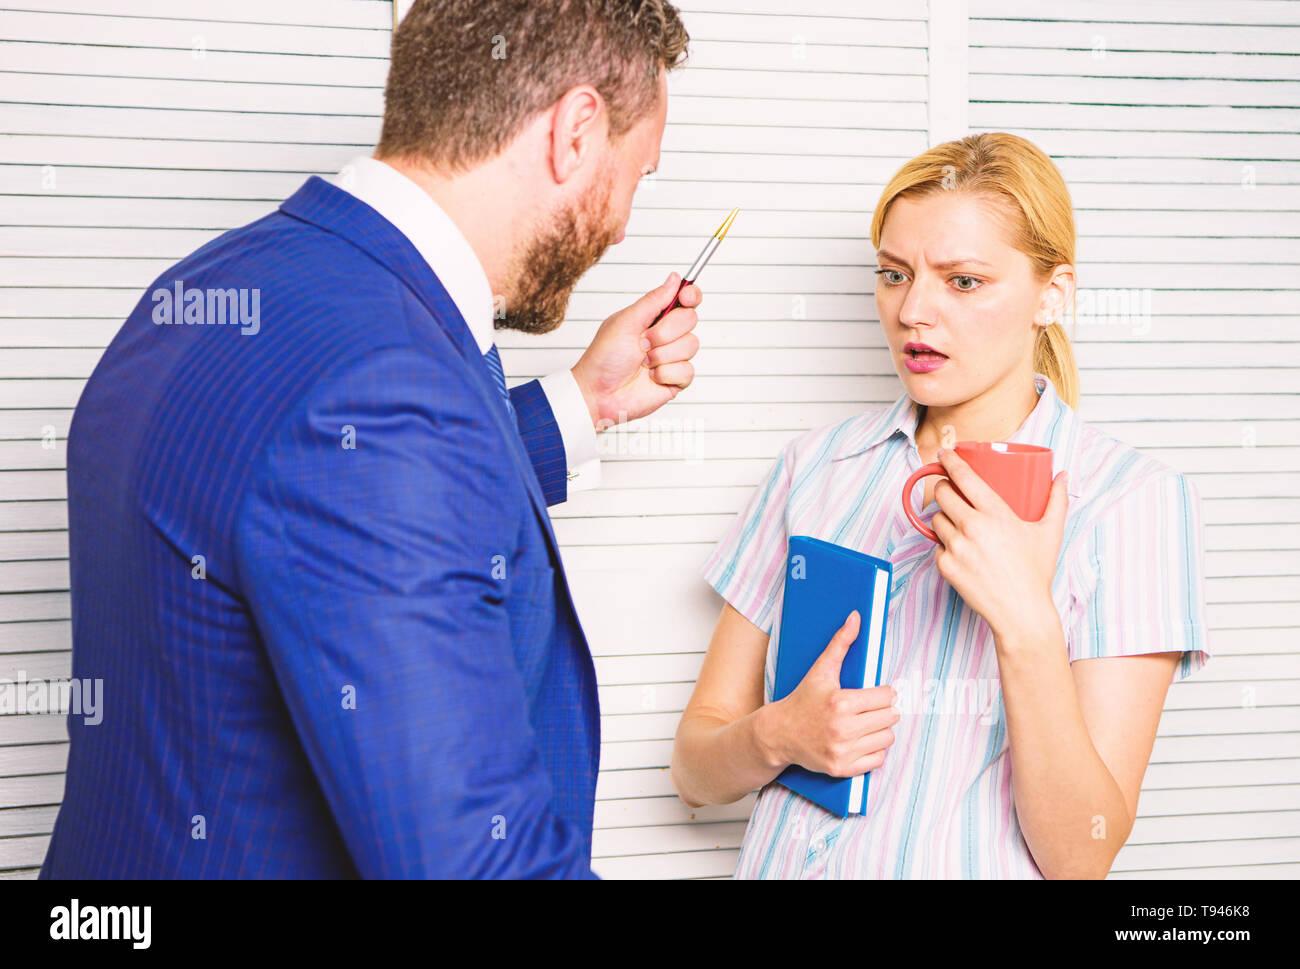 Les préjugés et l'attitude personnelle de l'employé. Conversation tendue ou querelle entre collègues. Patron discrimination travailleur féminin. La discrimination et l'attitude personnelle du problème. Le concept de discrimination. Photo Stock